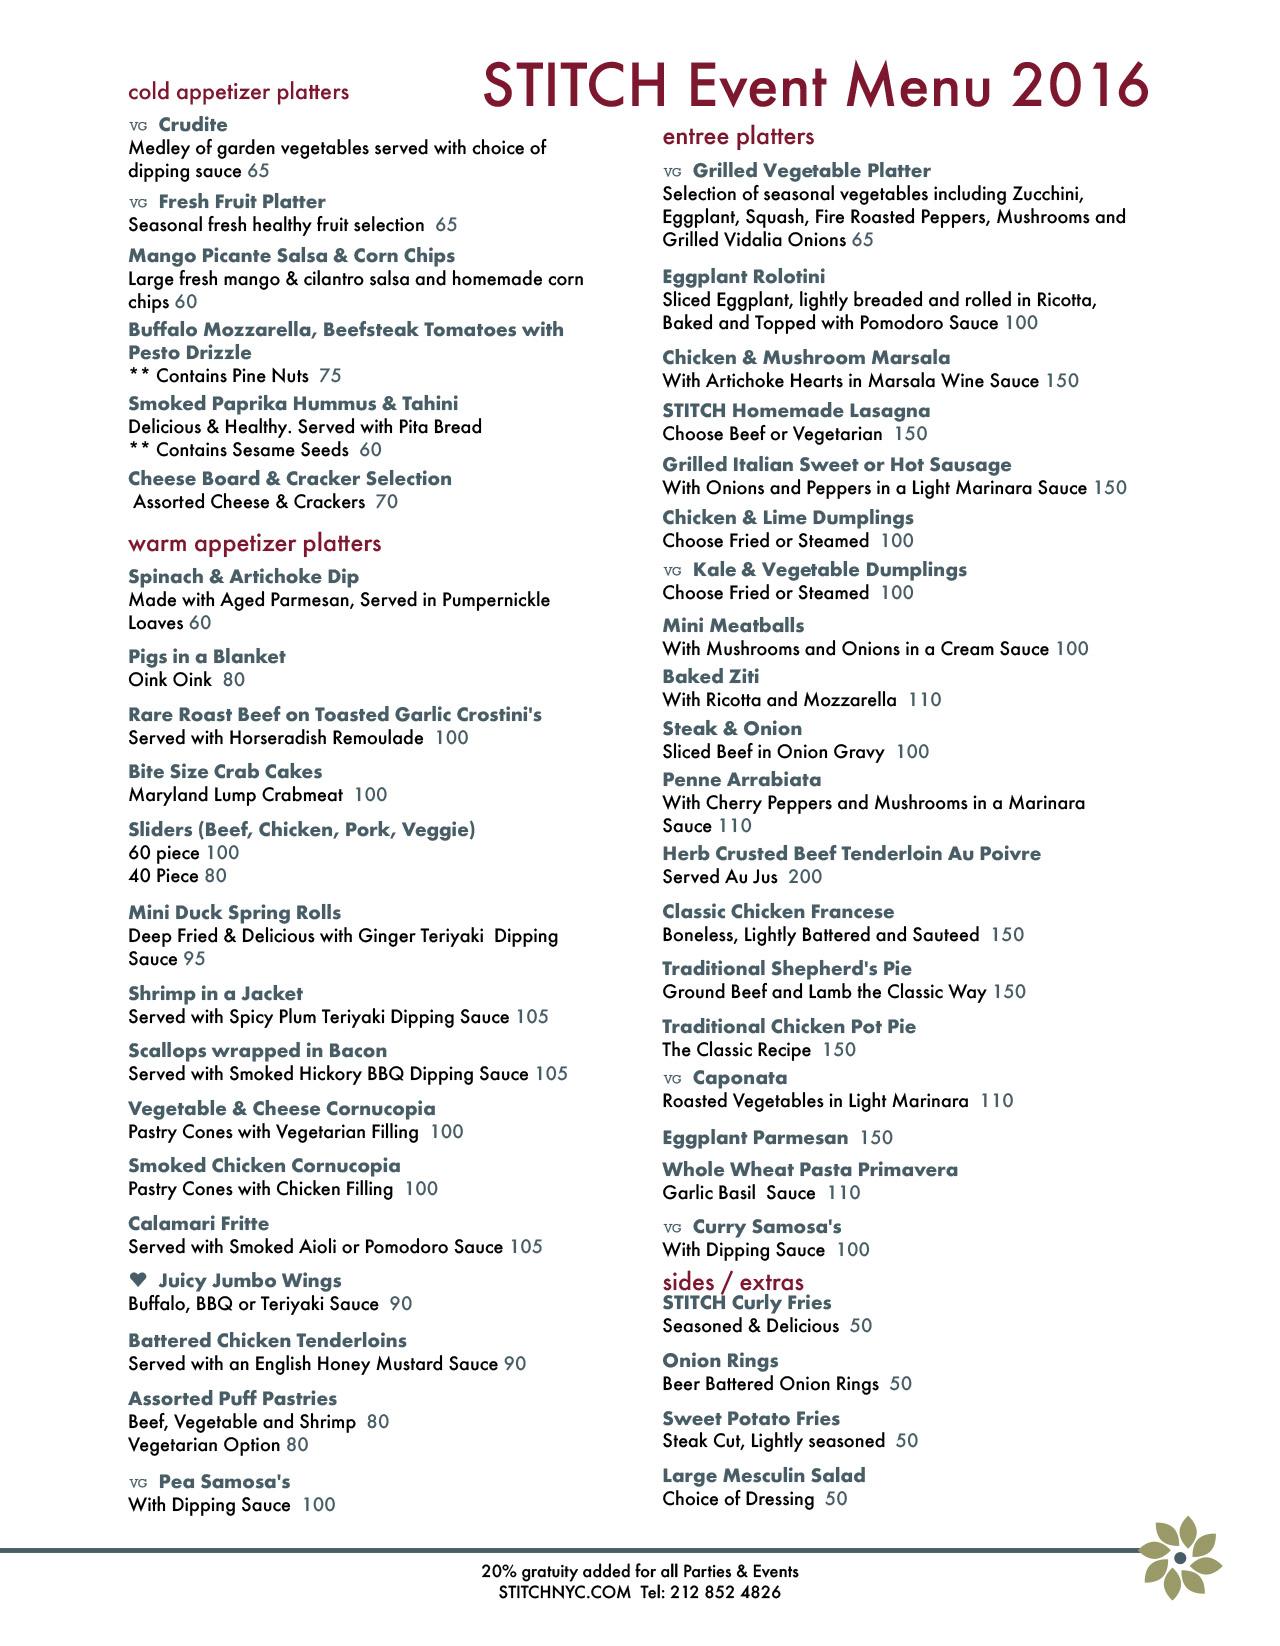 stitch-event-menu-2016